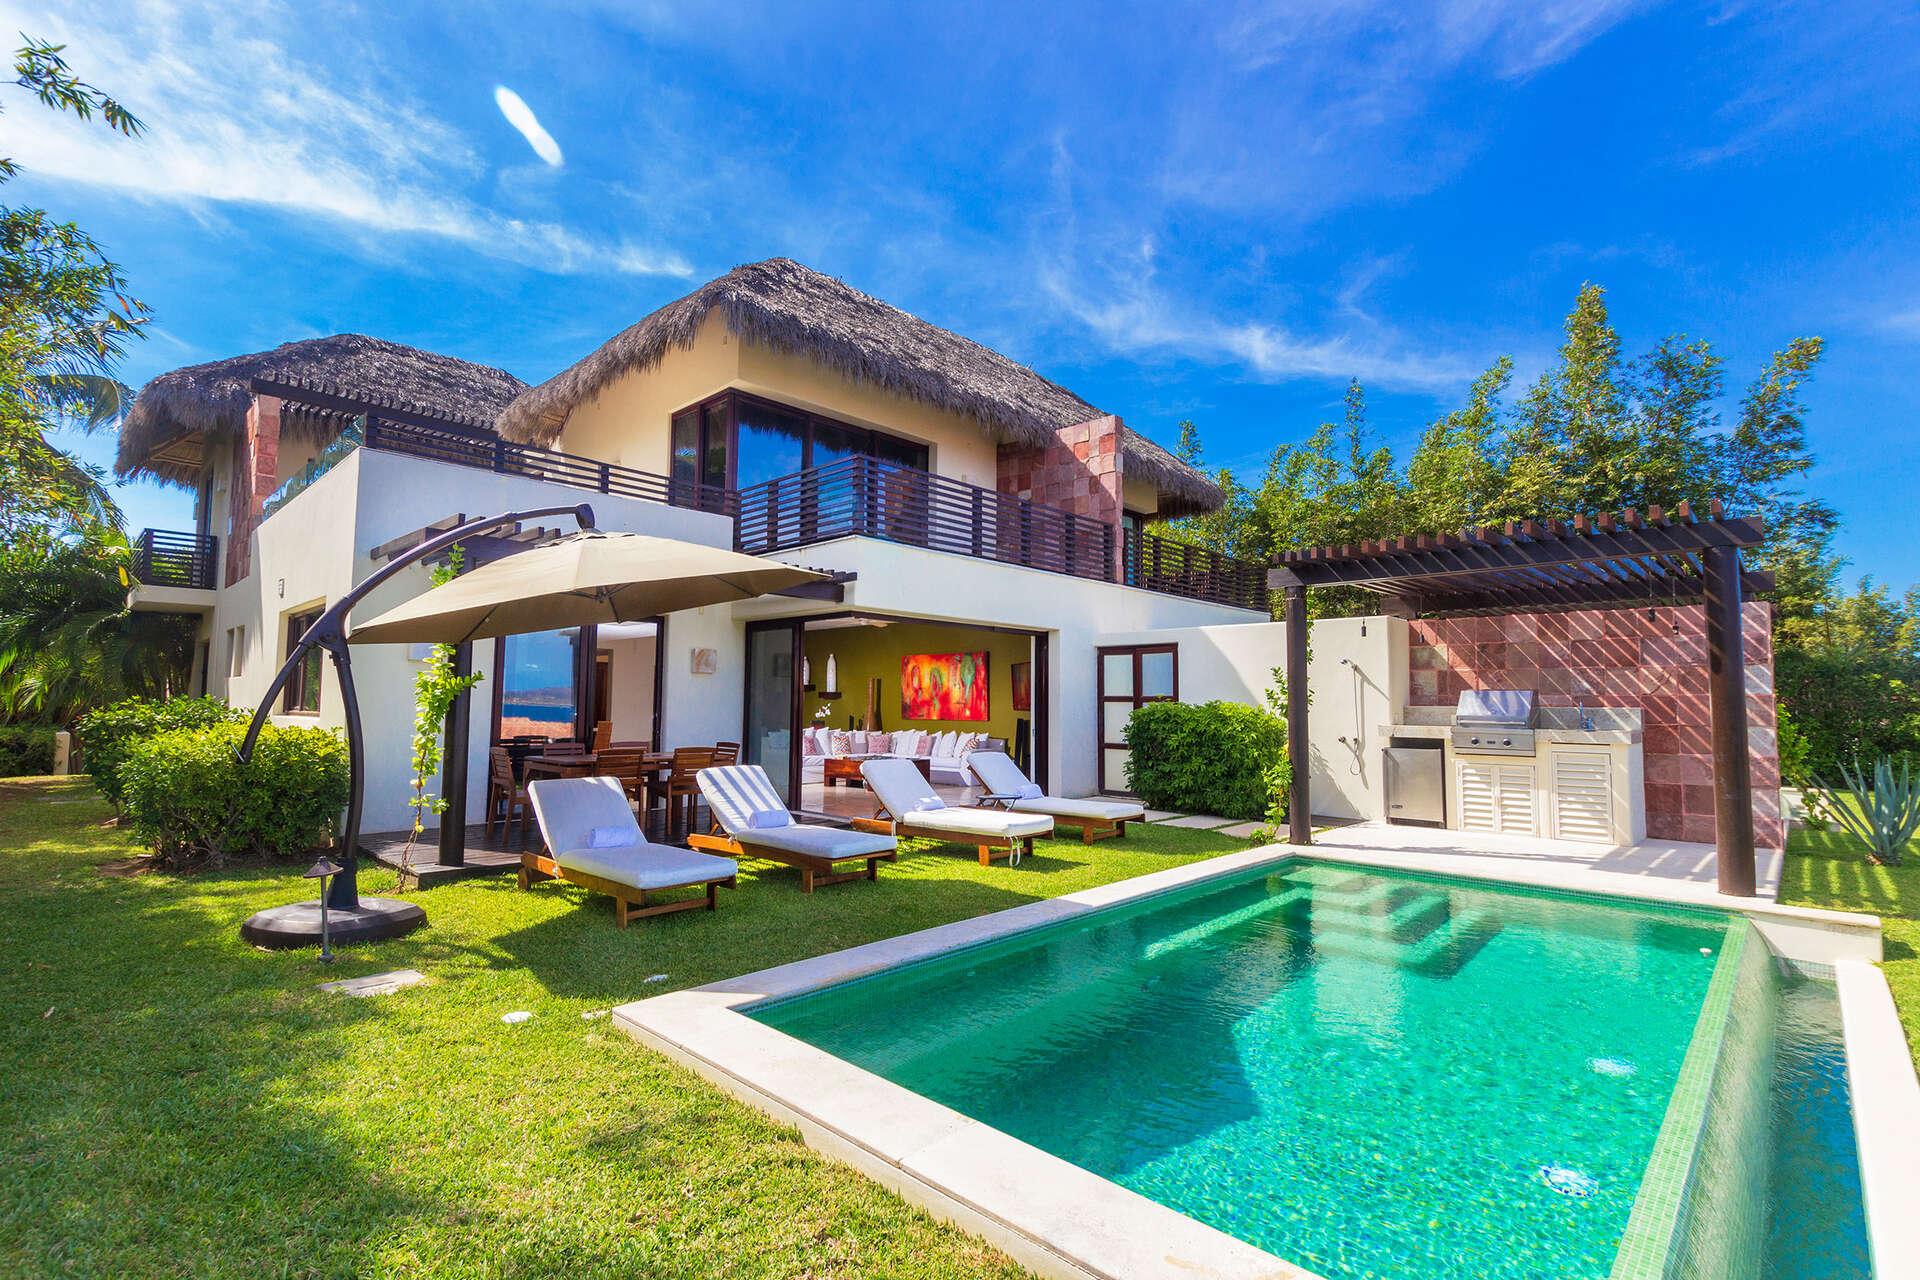 Luxury vacation rentals mexico - Punta mita - Porta fortuna - No location 4 - Villa Jade - Image 1/28